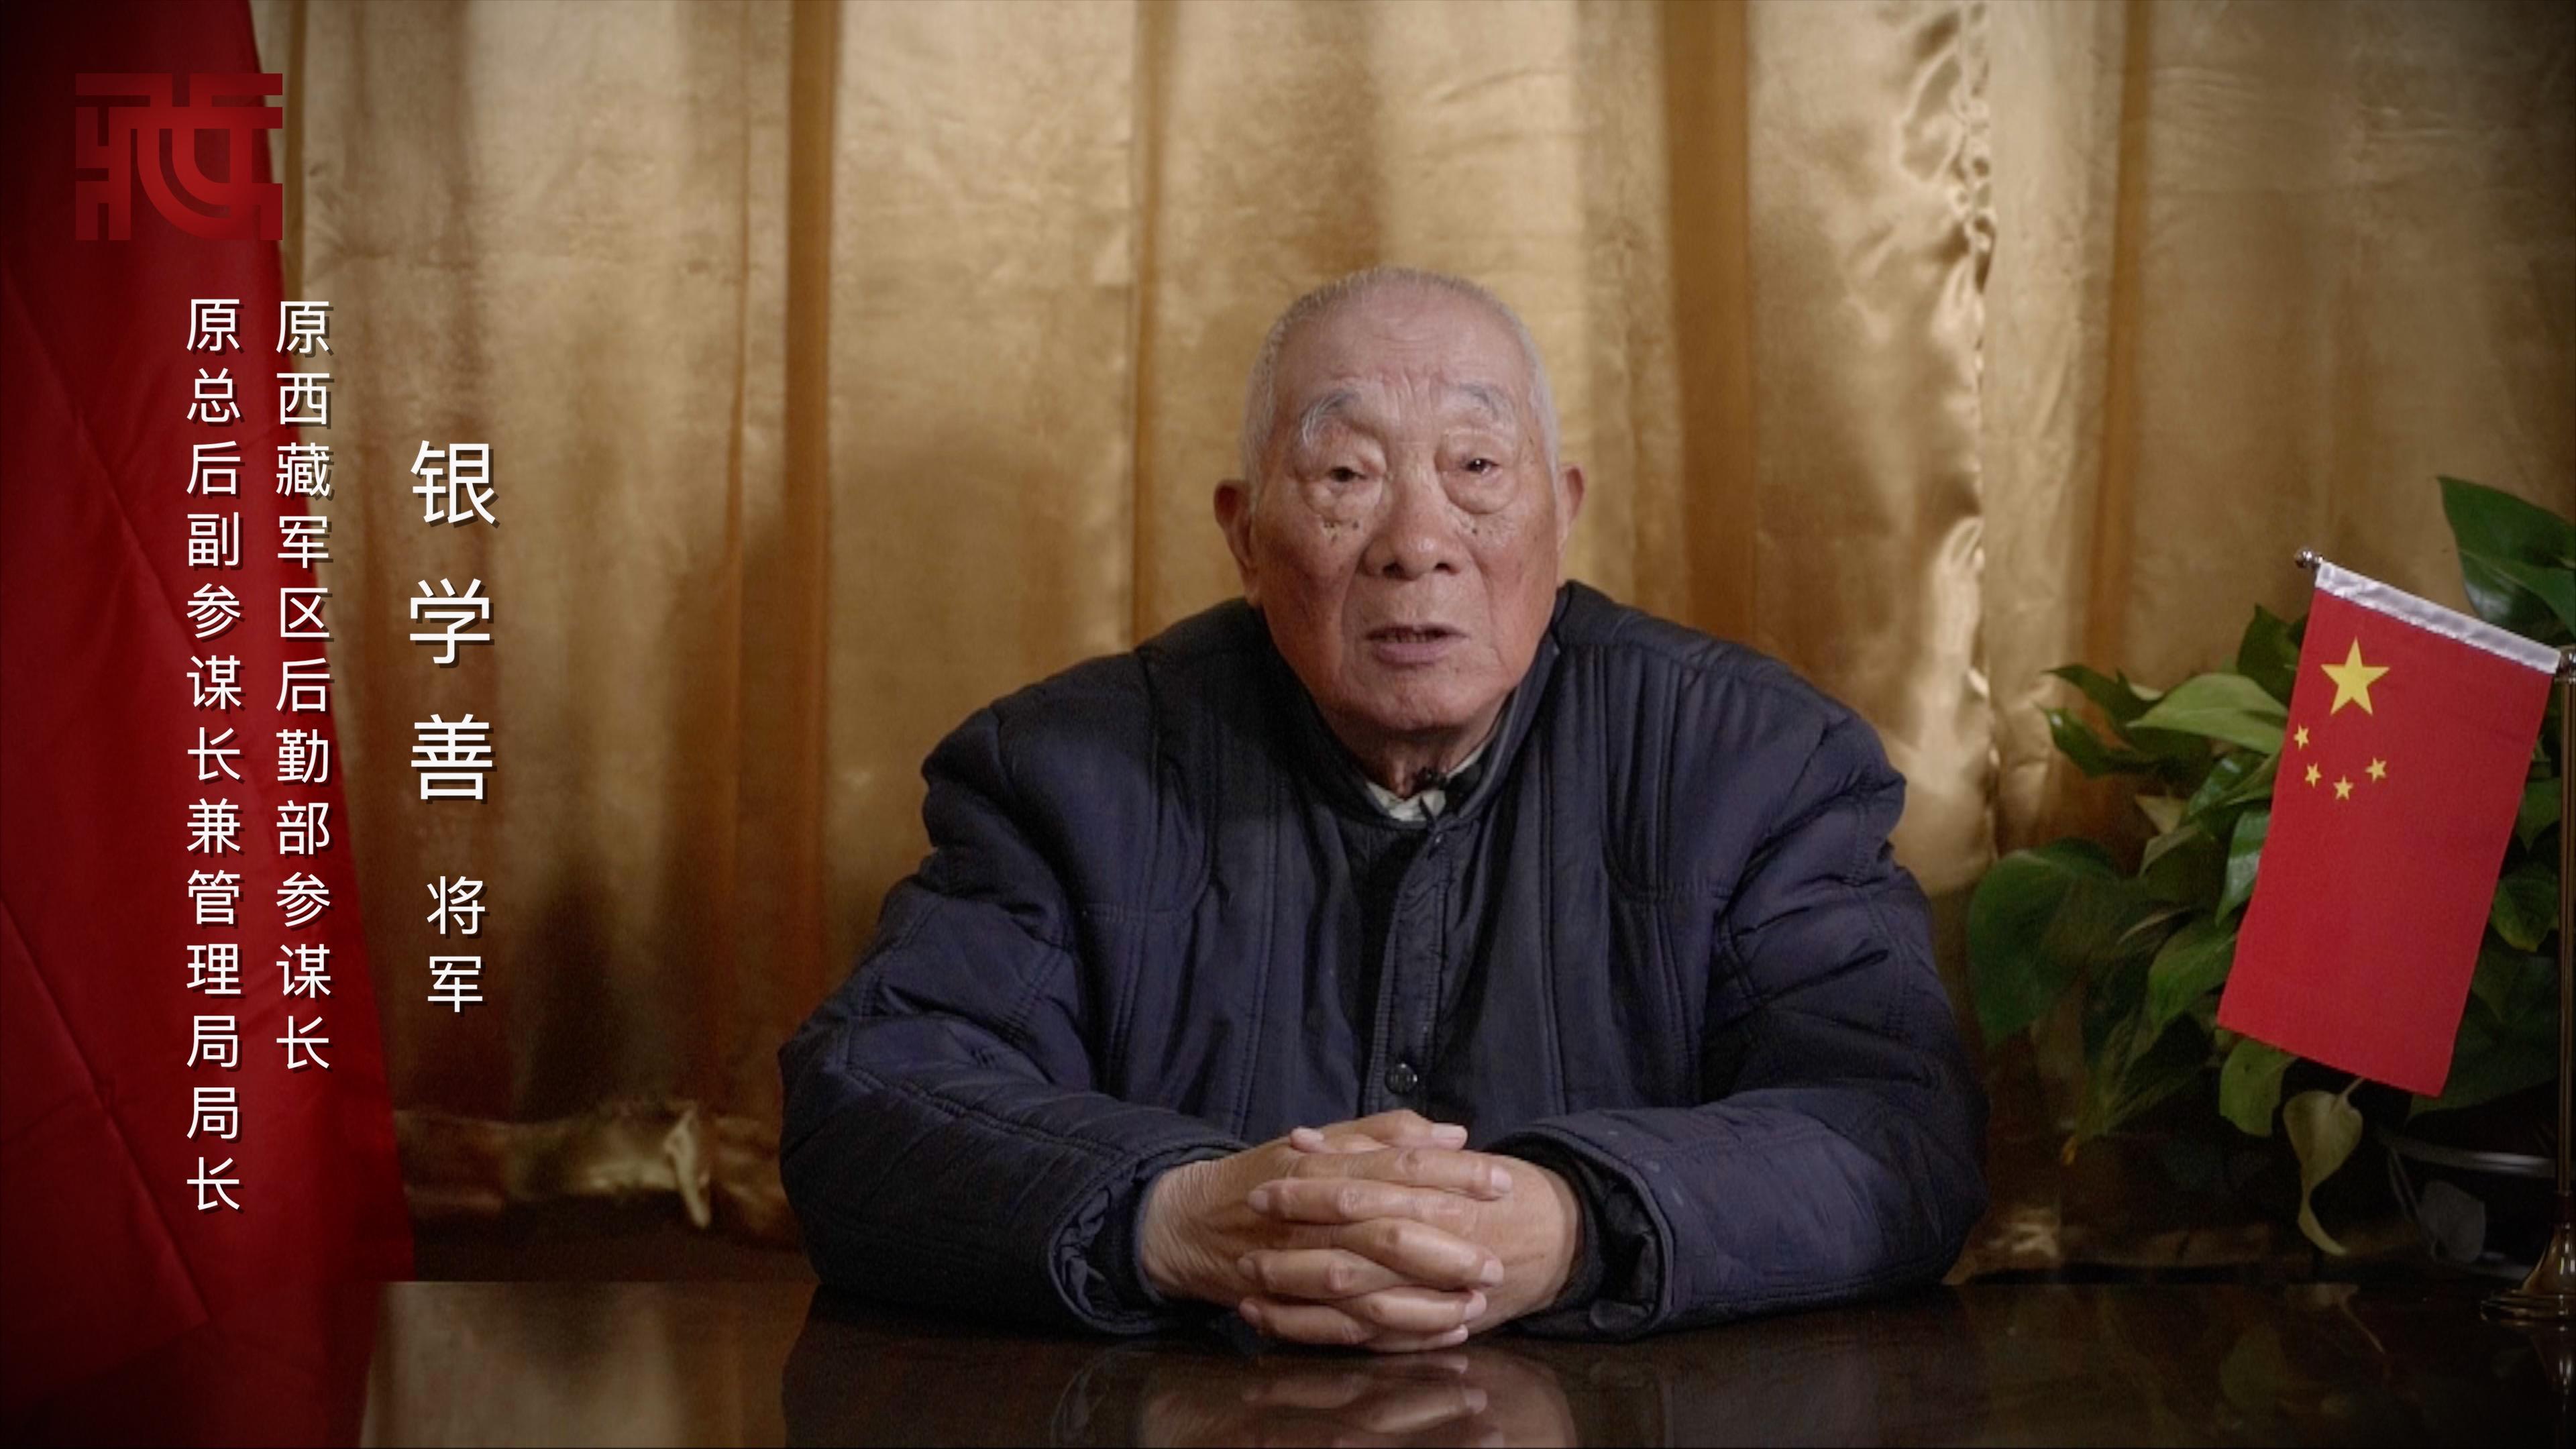 【十八军进藏 风雪征程忆当年】银学善:进军西藏不吃地方 宁可挨饿不吃百姓一份粮